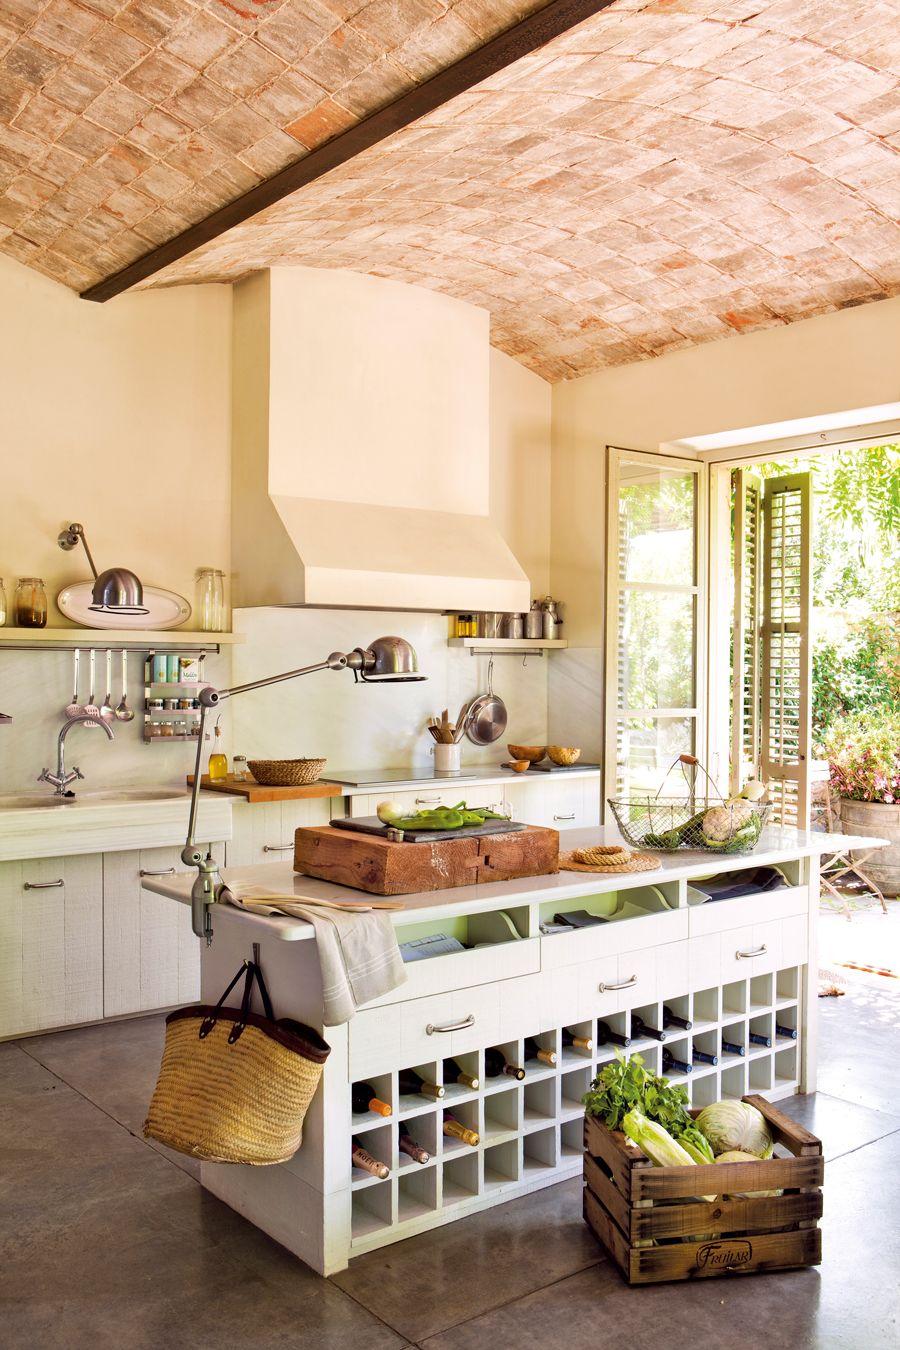 En color verde en 2019 cocinas amplias cocinas r sticas cocinas y decoraci n de cocina - Cocinas de obra rusticas ...